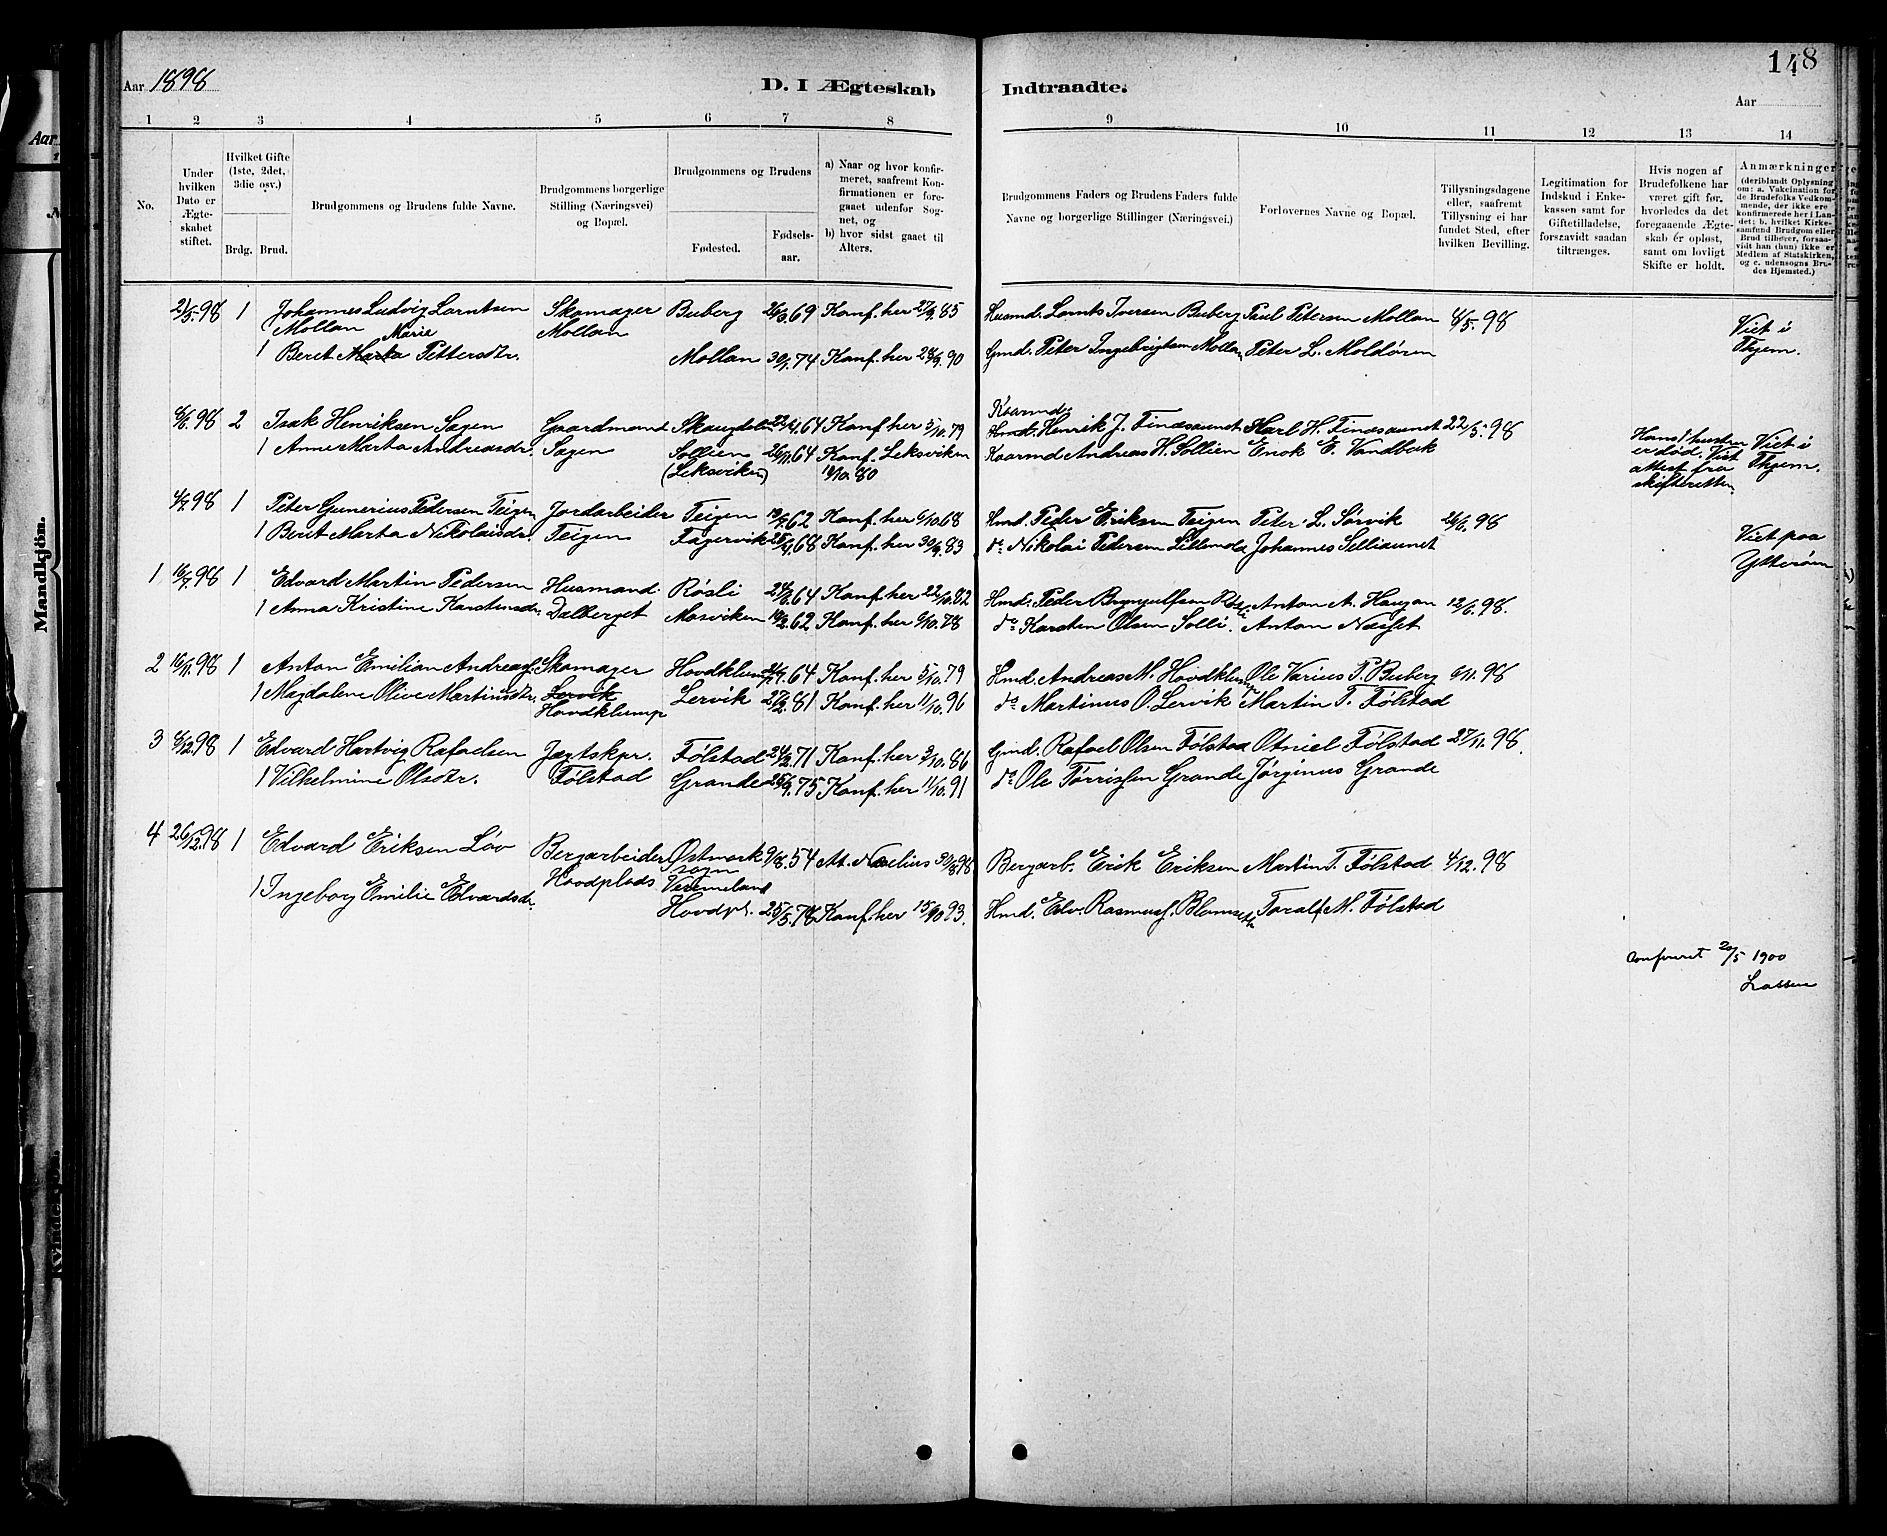 SAT, Ministerialprotokoller, klokkerbøker og fødselsregistre - Nord-Trøndelag, 744/L0423: Klokkerbok nr. 744C02, 1886-1905, s. 148